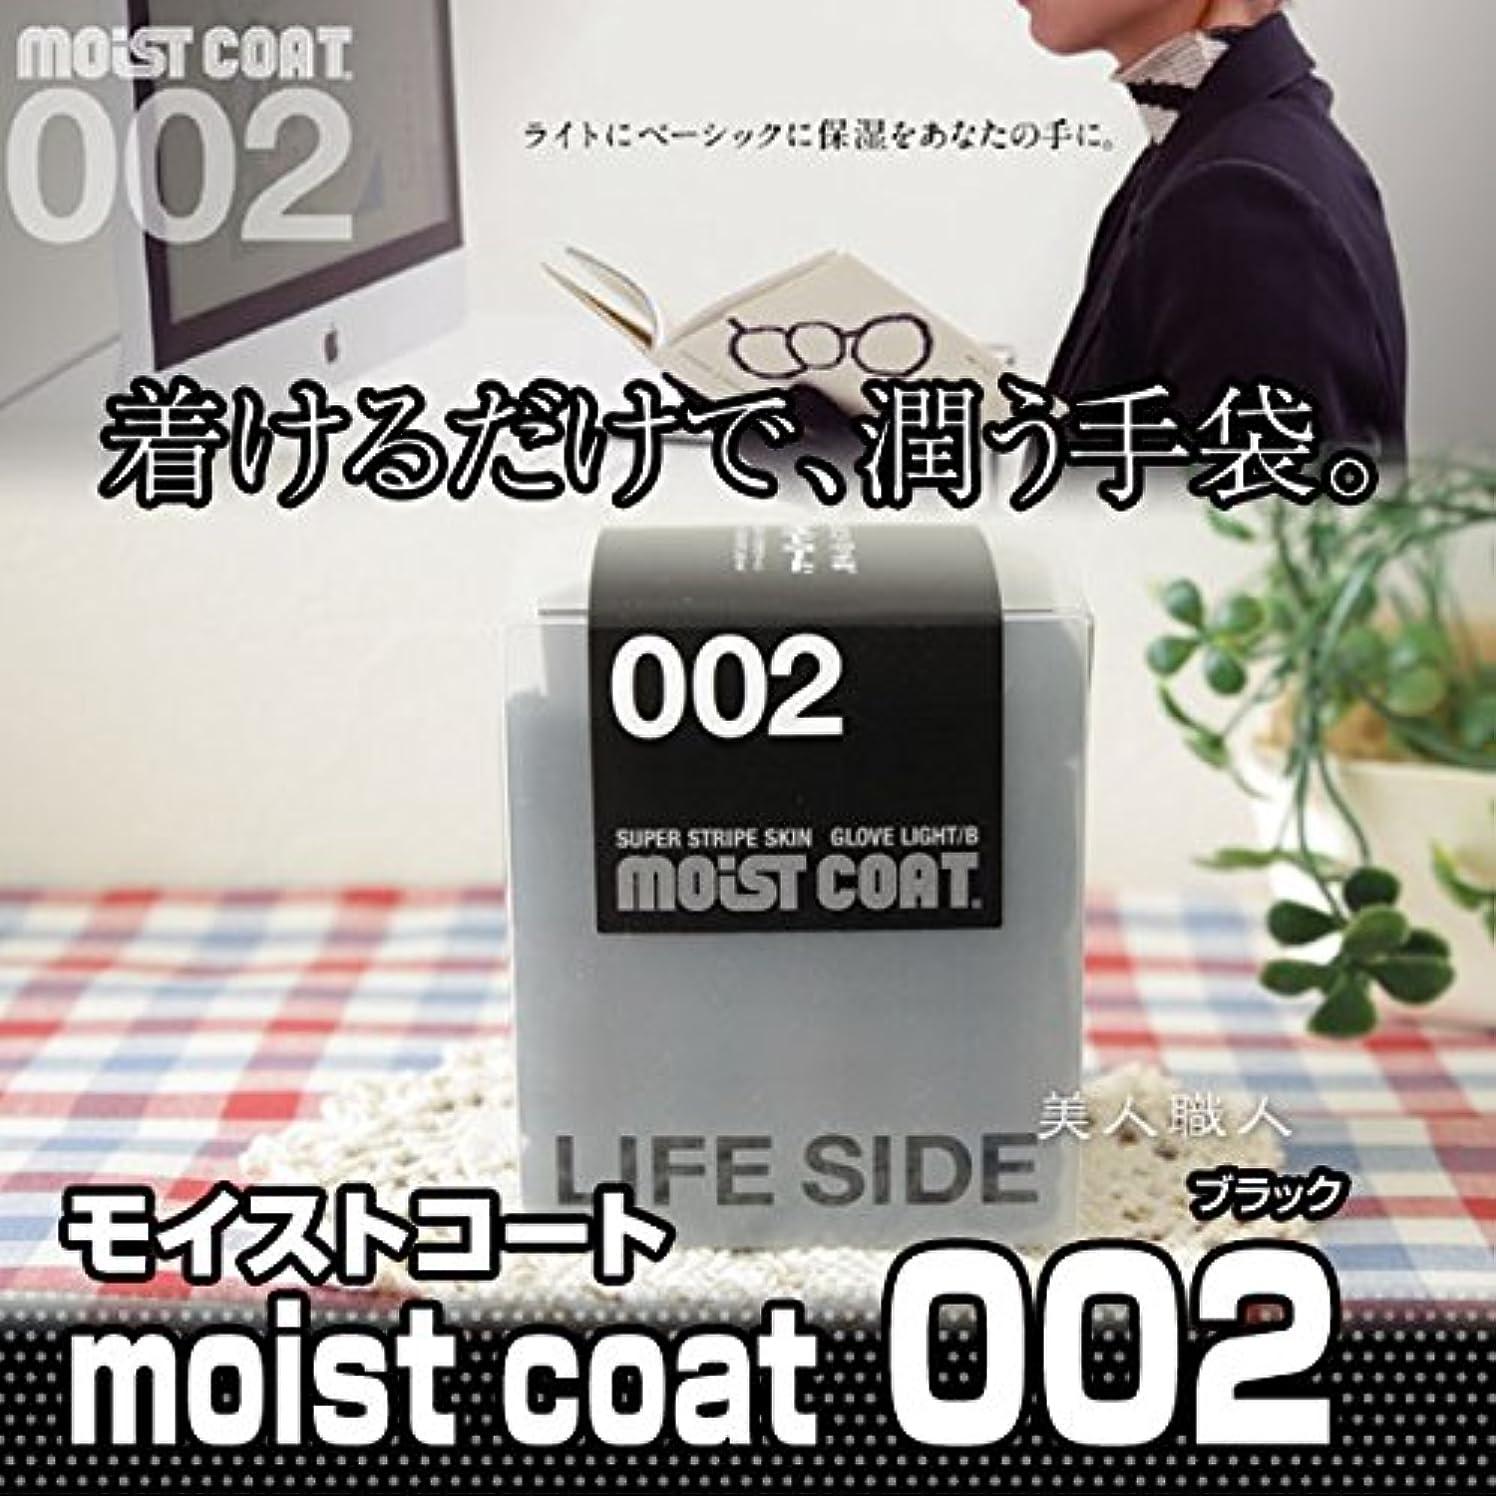 に変わるディレクタースキームコラーゲン手袋 モイストコート002 ブラック